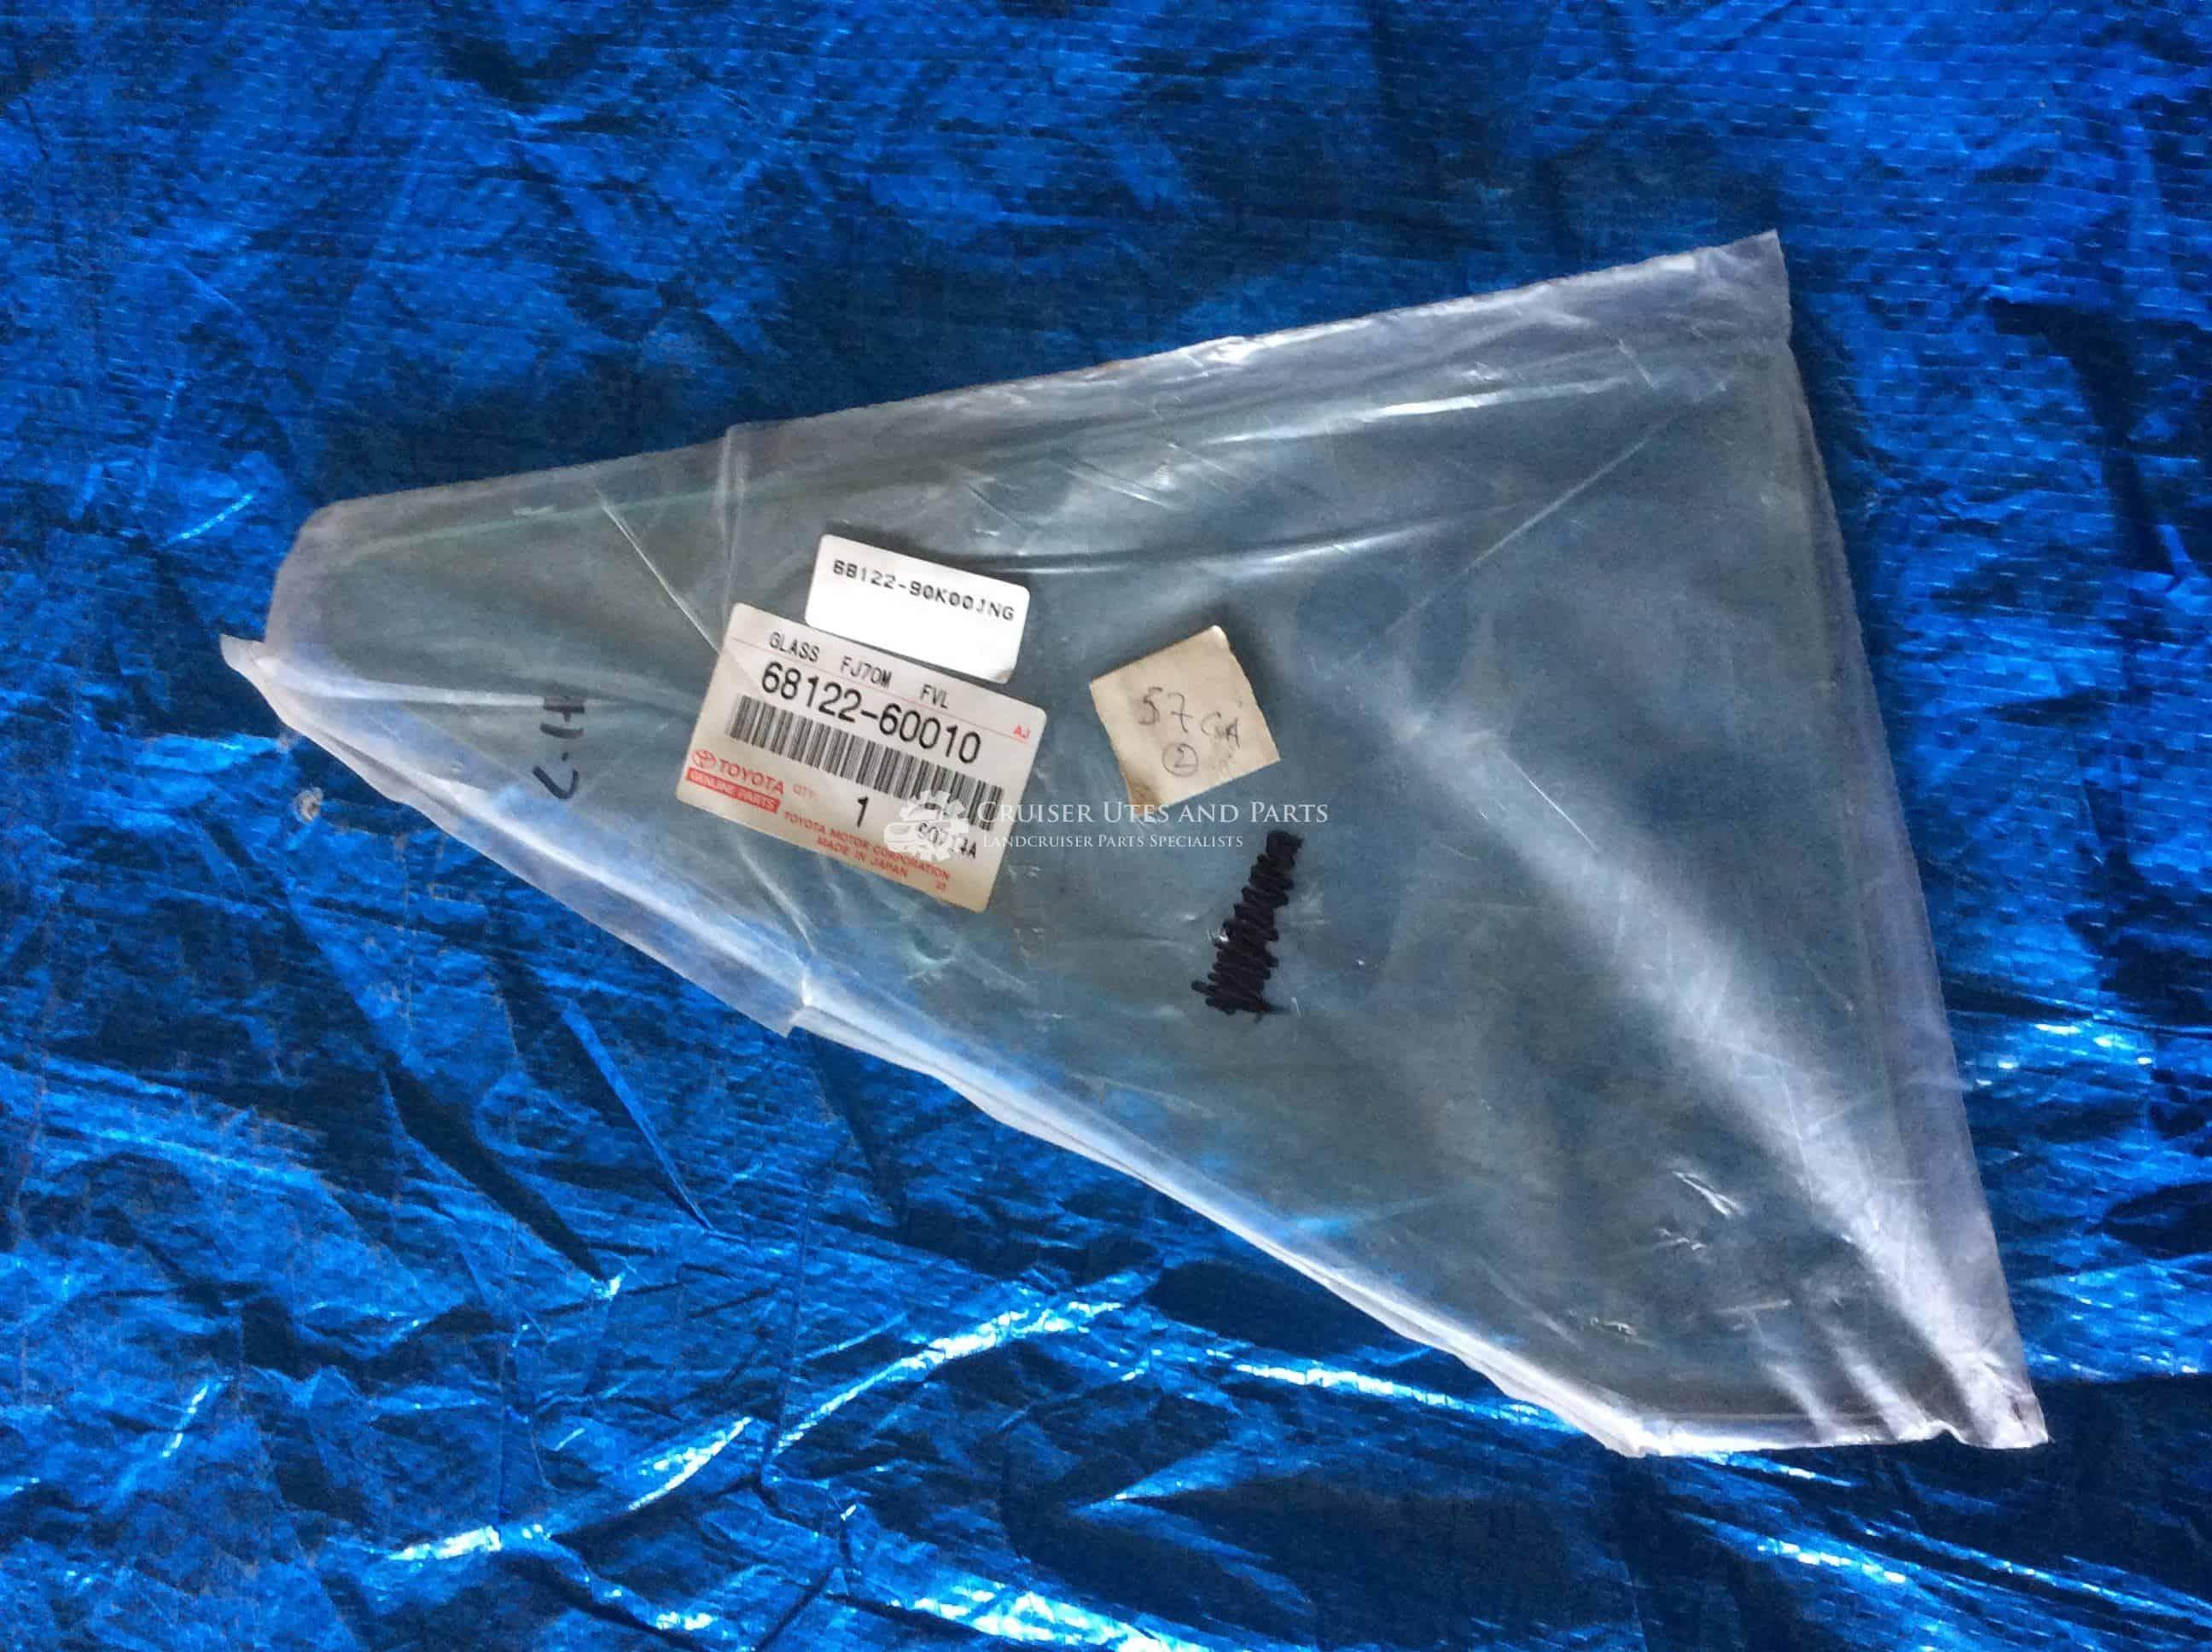 glass only 75,78 quarter glass lh 79# 68122-60010 Landcruiser left side